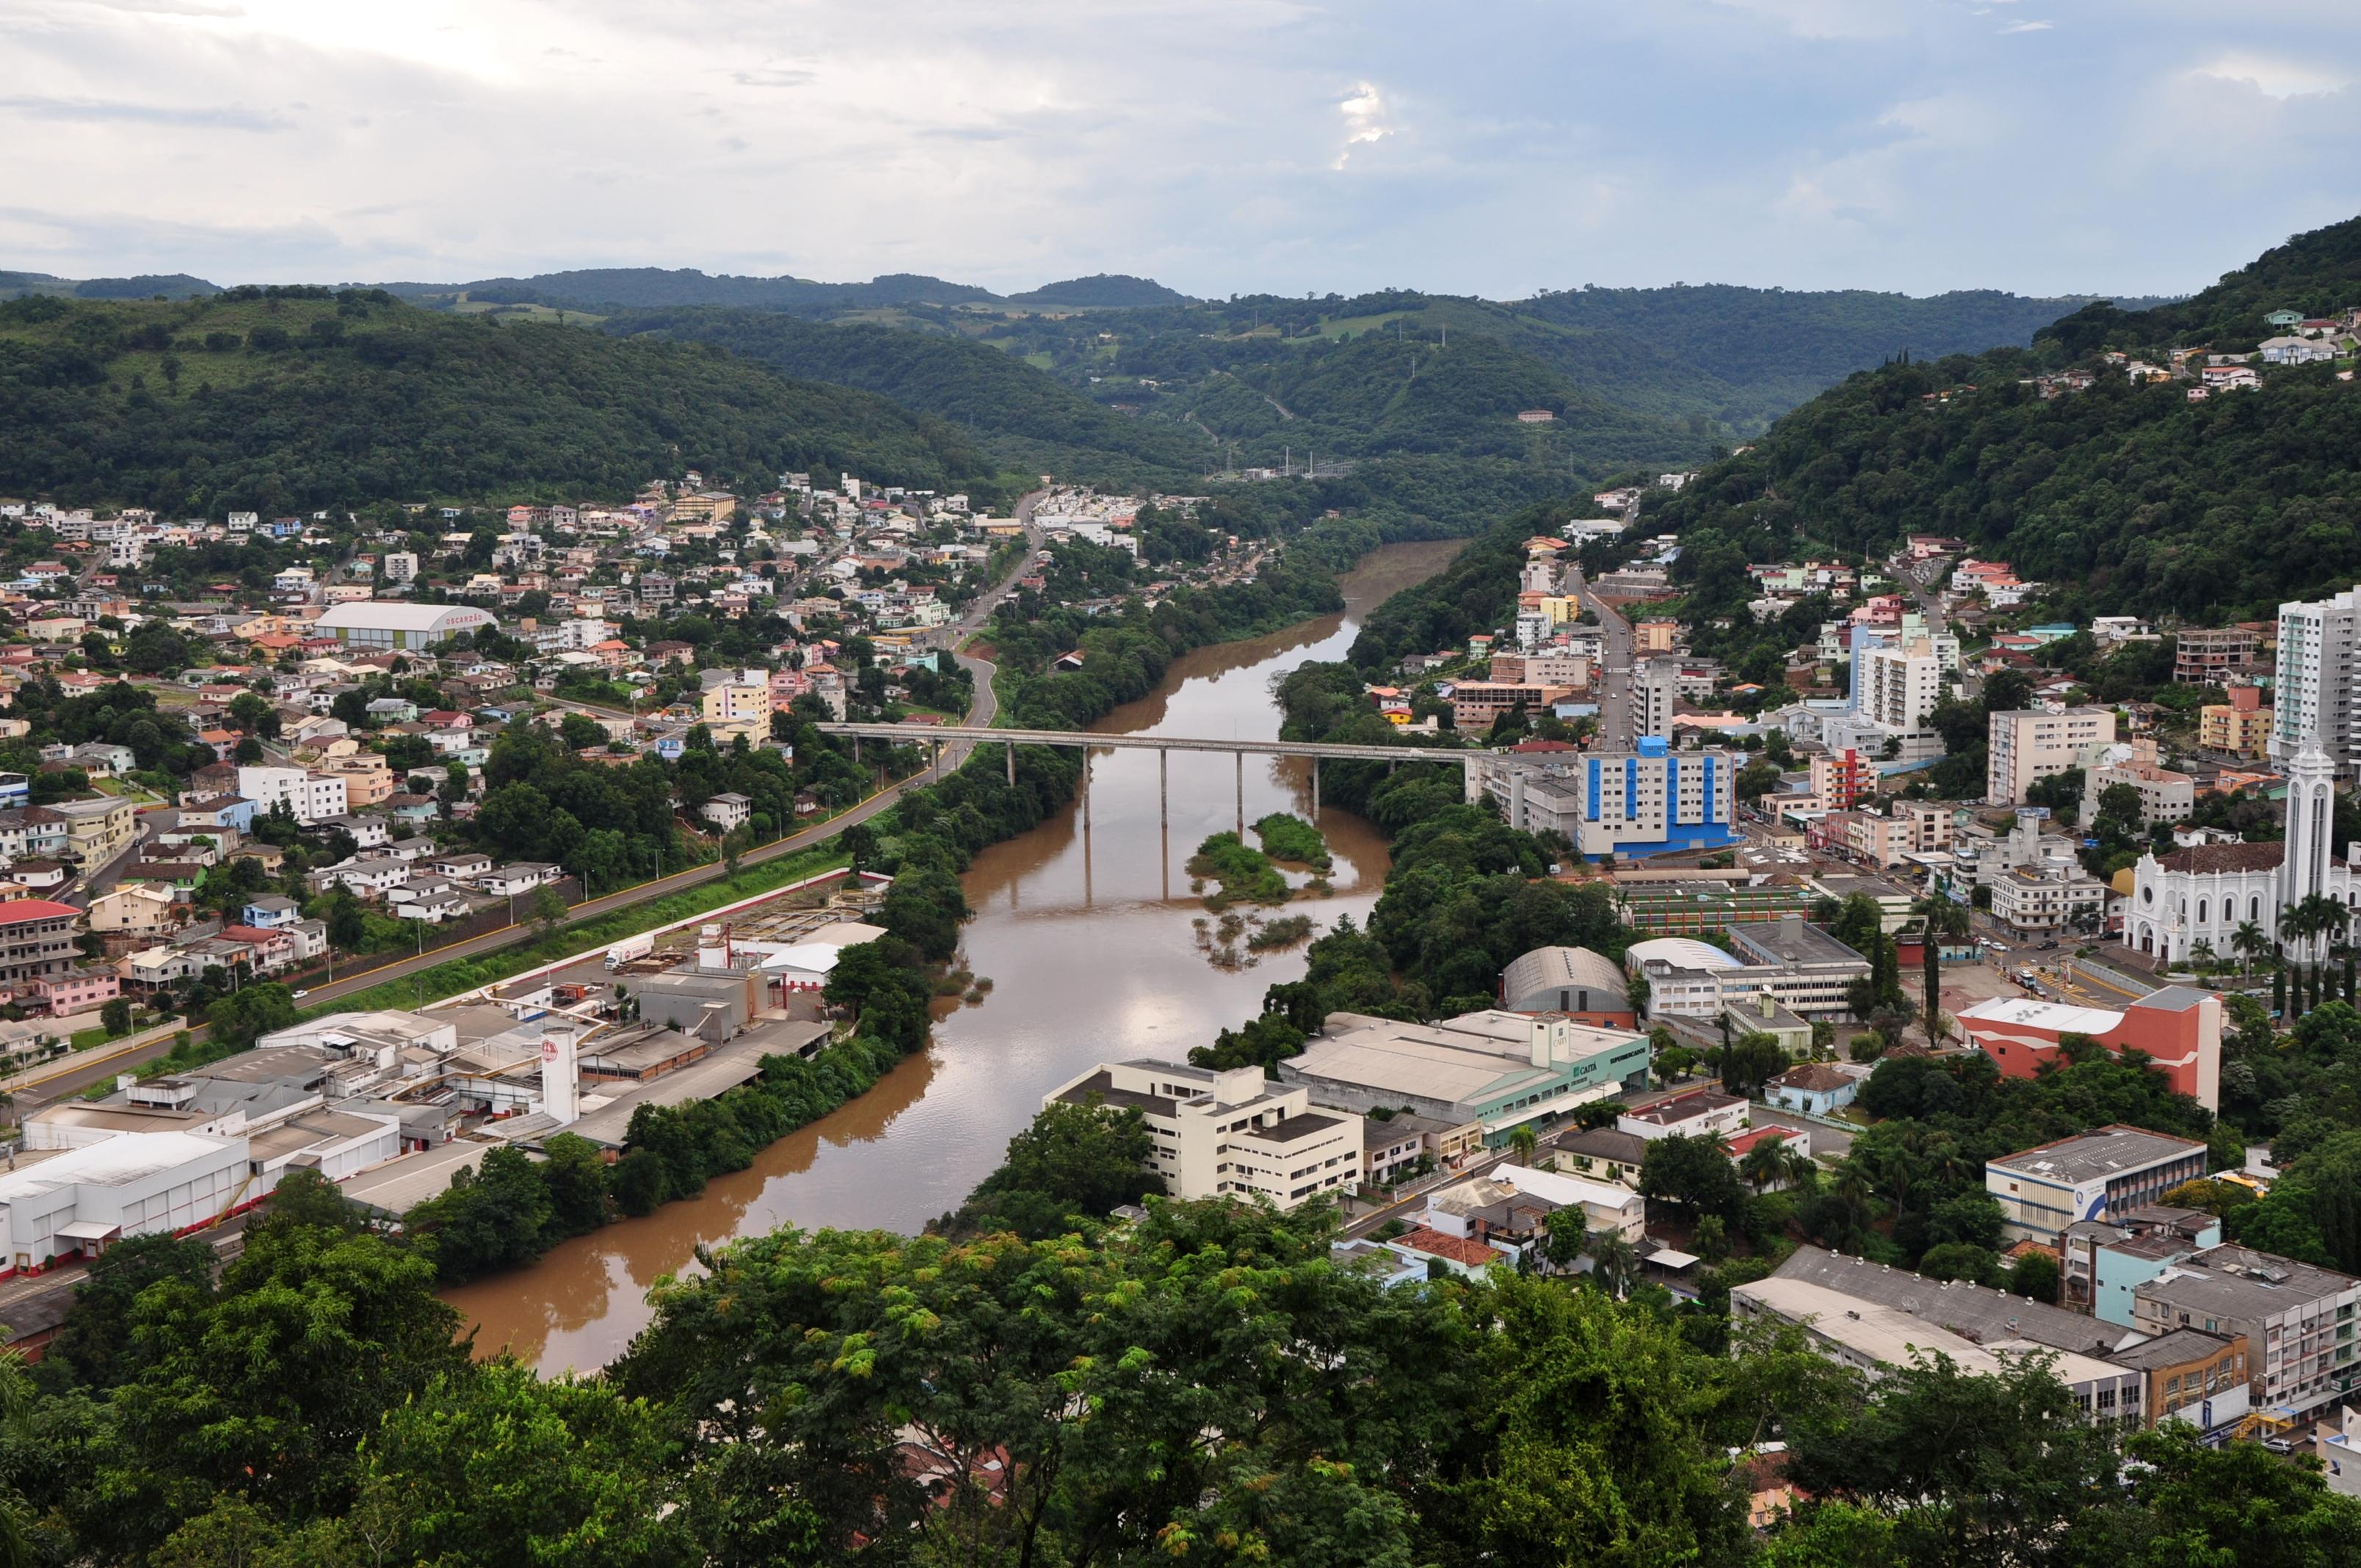 Rio do Oeste Santa Catarina fonte: upload.wikimedia.org